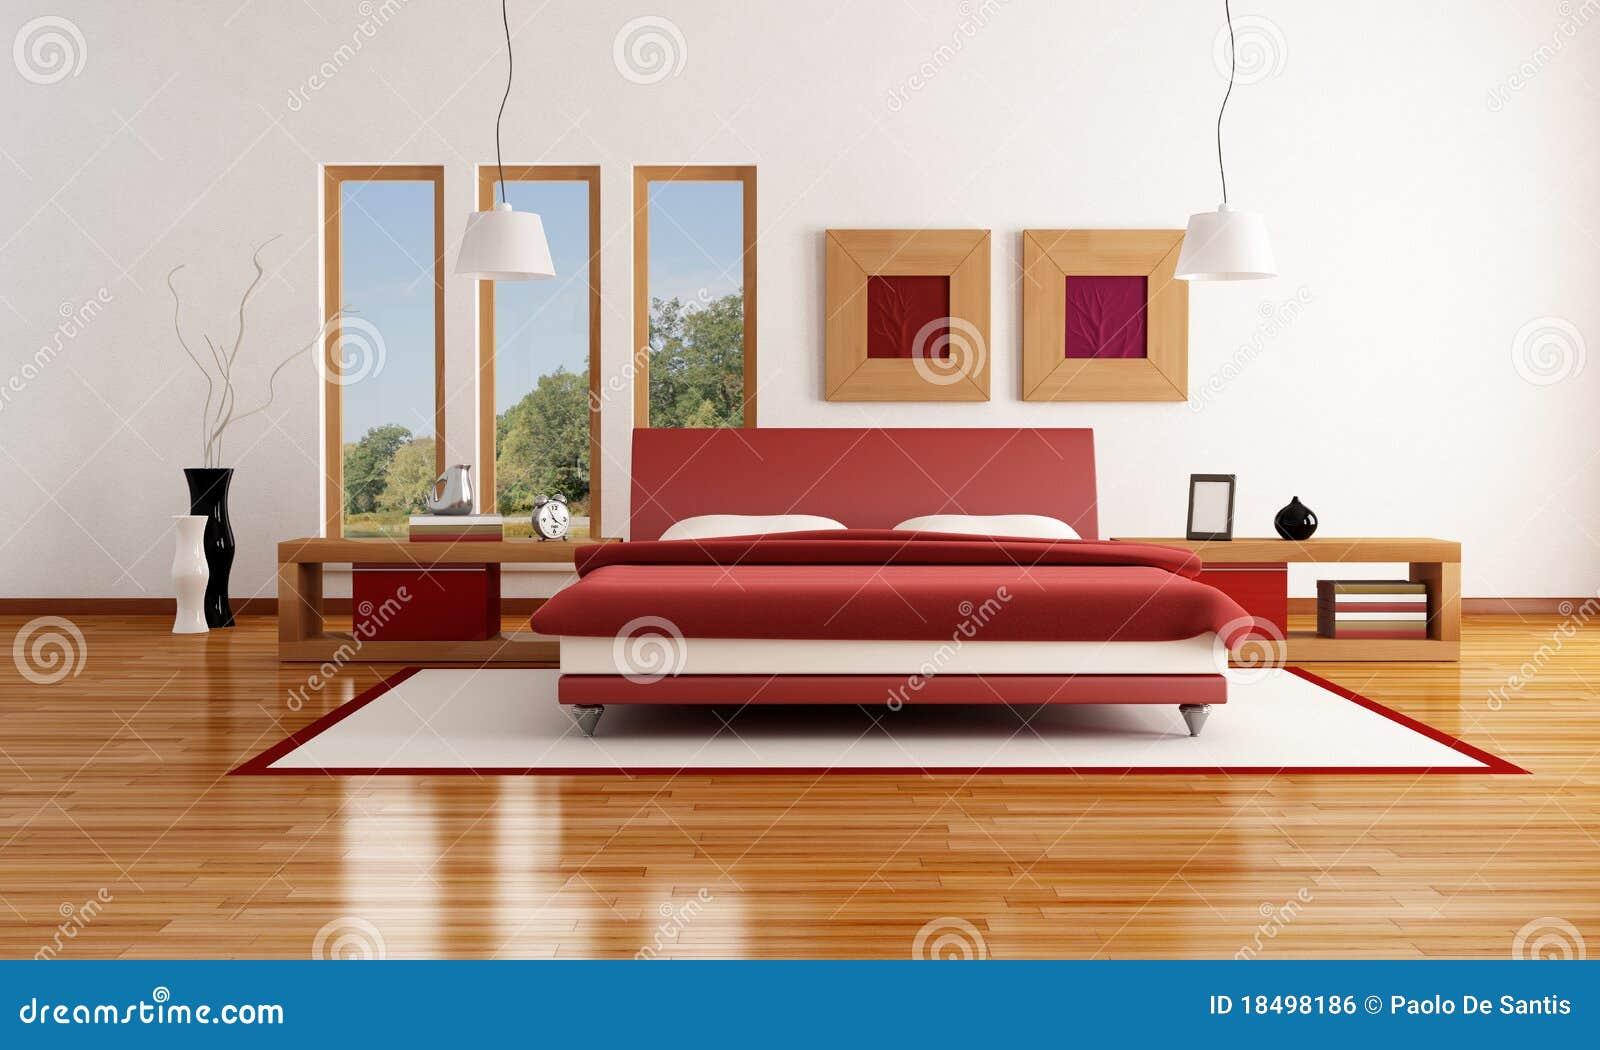 Goedkope Hanglampen Slaapkamer : Hanglampen voor slaapkamer referenties op huis ontwerp